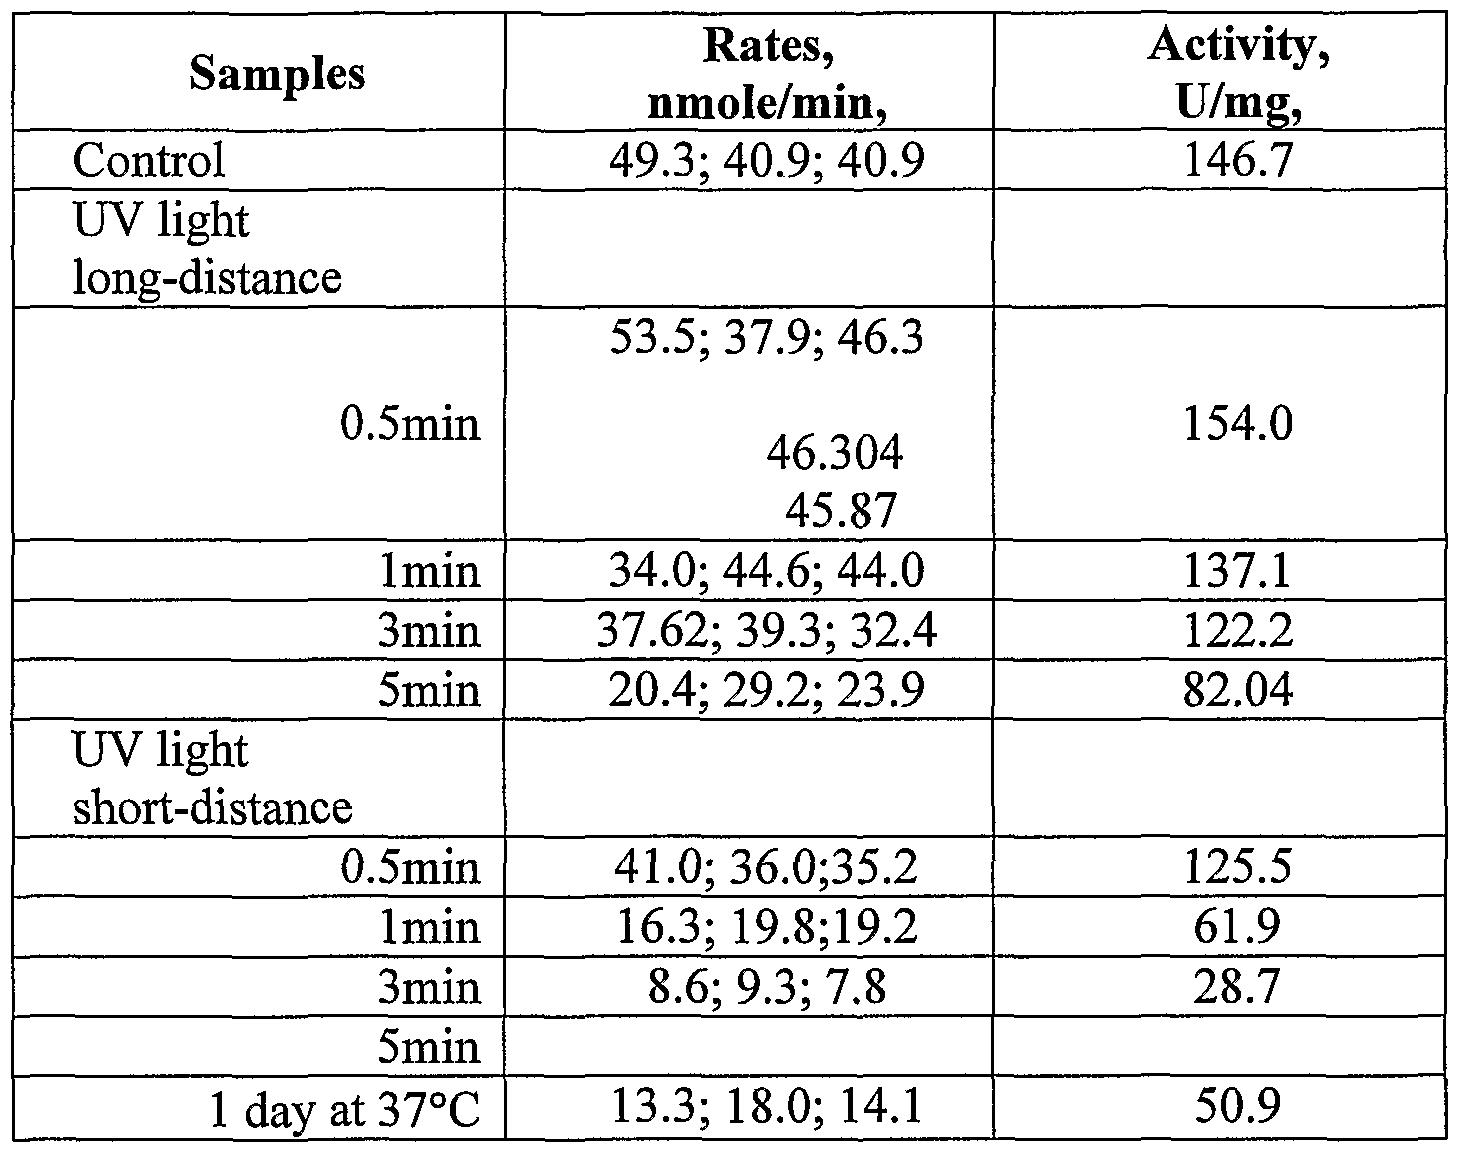 Exposure Hierarchy Worksheet